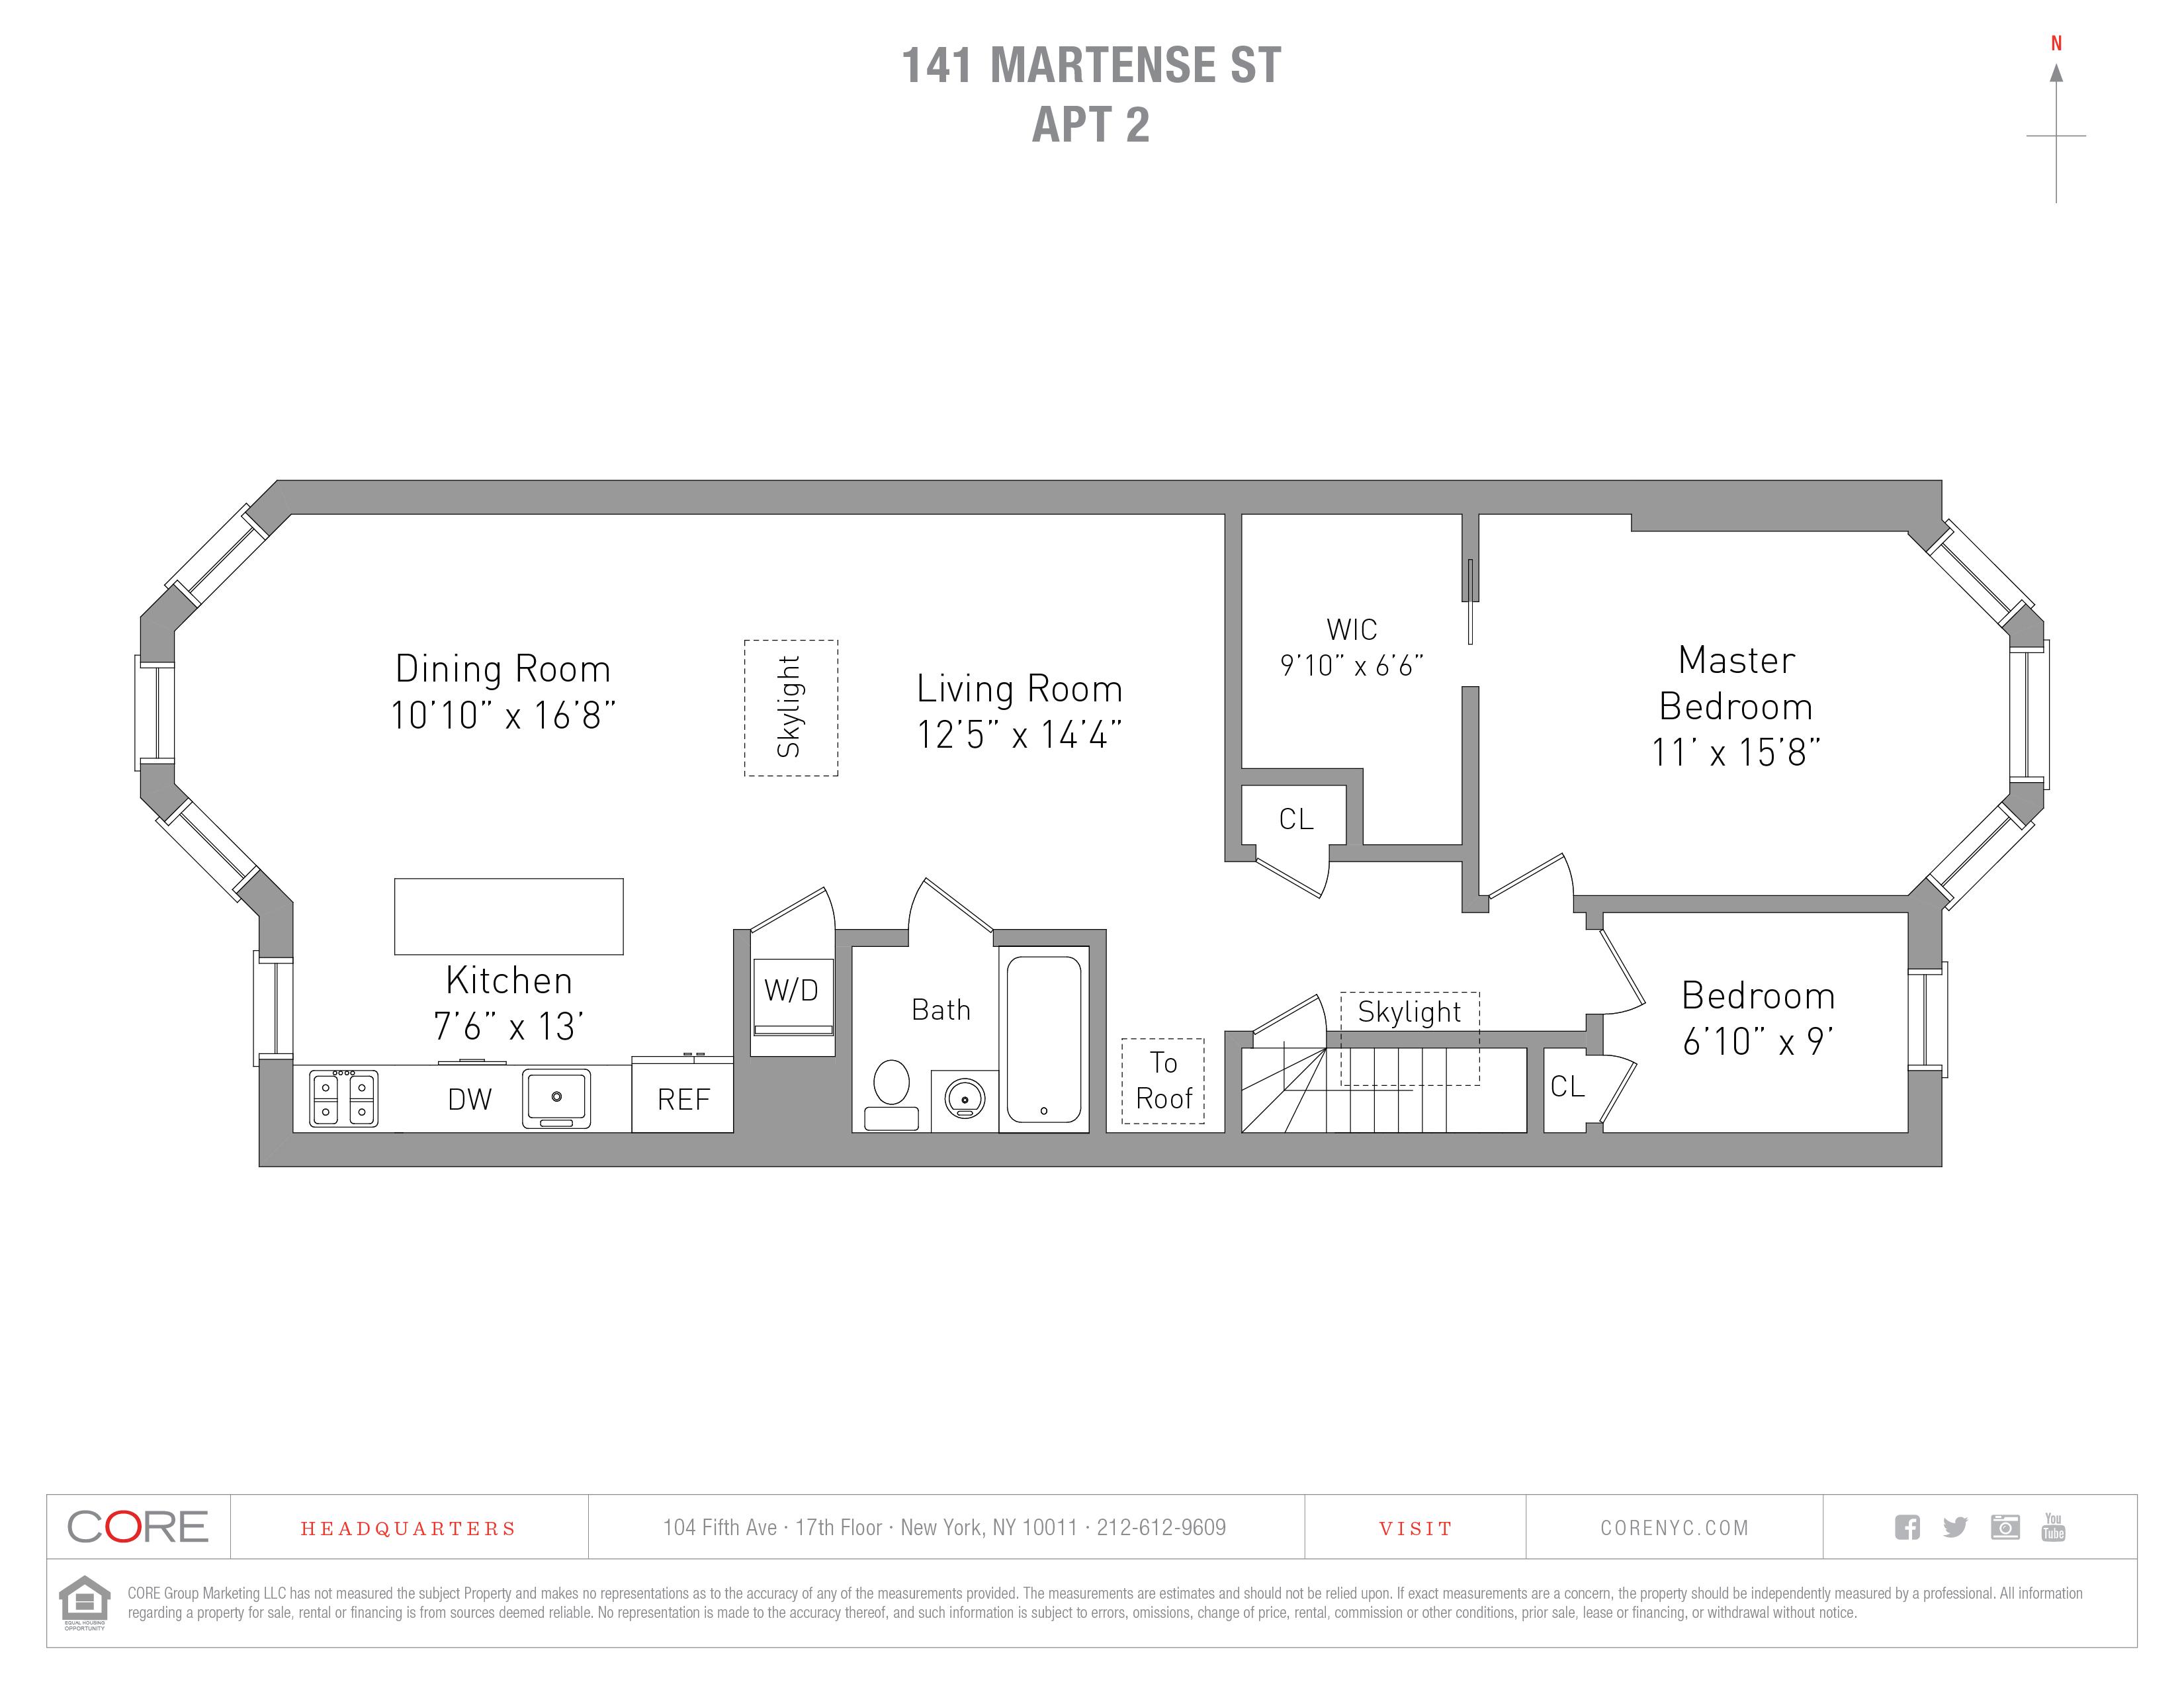 141 Martense St. 2, Brooklyn, NY 11226